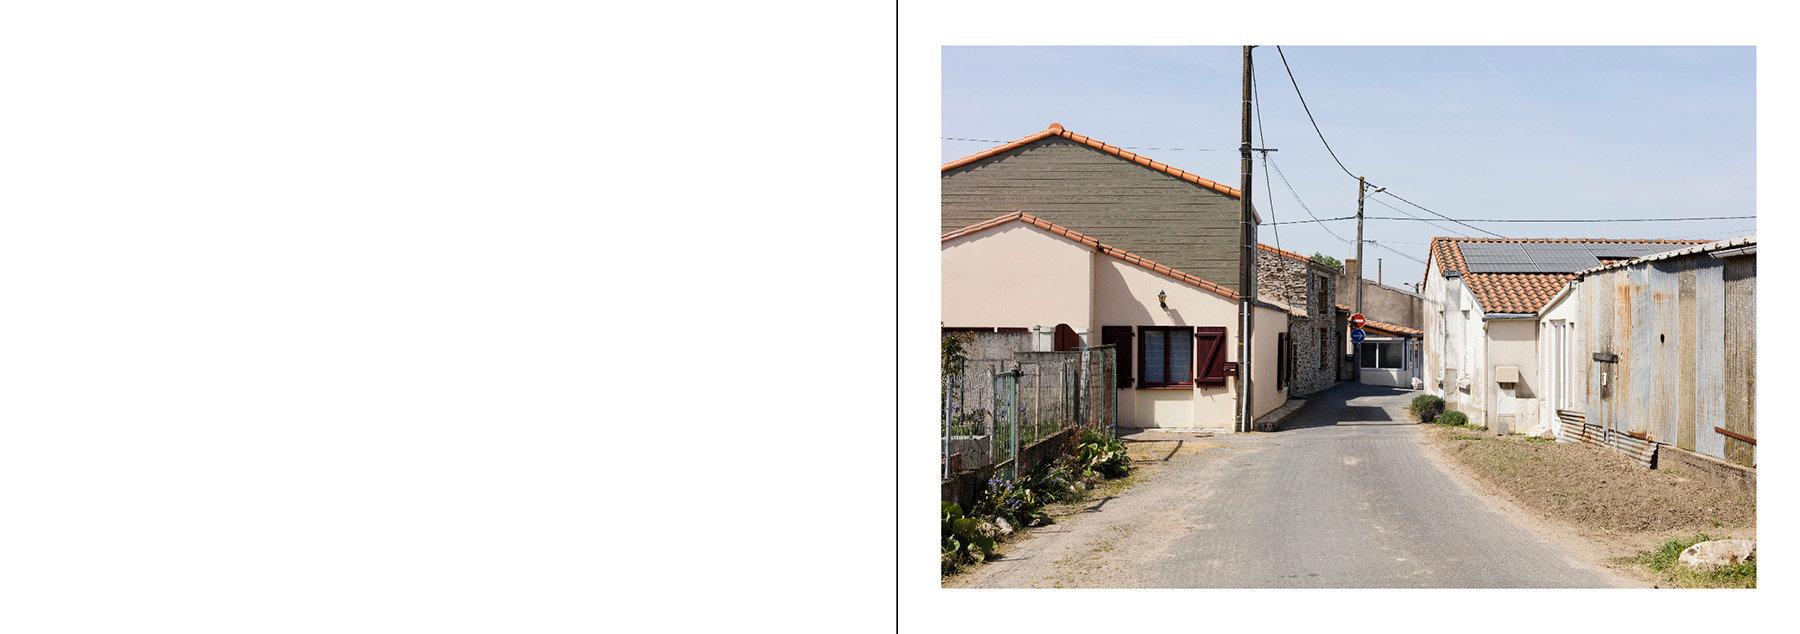 Le Loraux-Bottereau_Mauves-sur-Loire-page014 copie.jpg